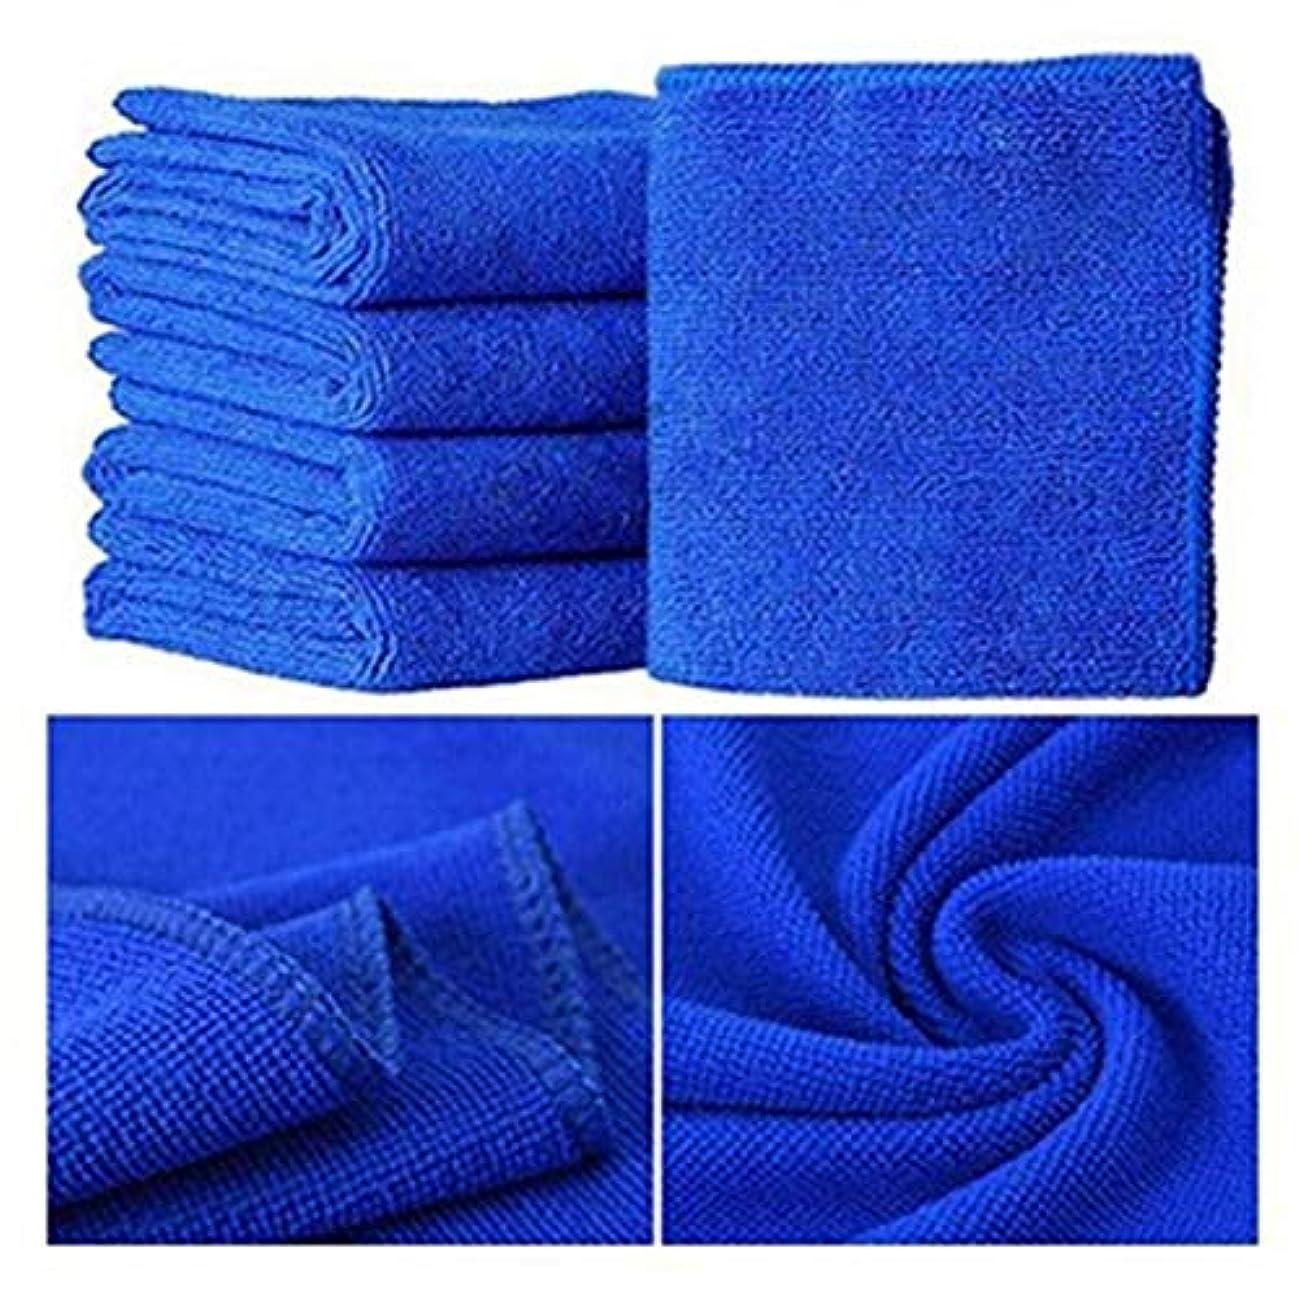 パイプクローゼット挑発するMaxcrestas - 25*25cm 5 Pcs/ 10 Pcs Small Towel Soft Microfiber Towel great absorbent Towel for bathroom kitchen...